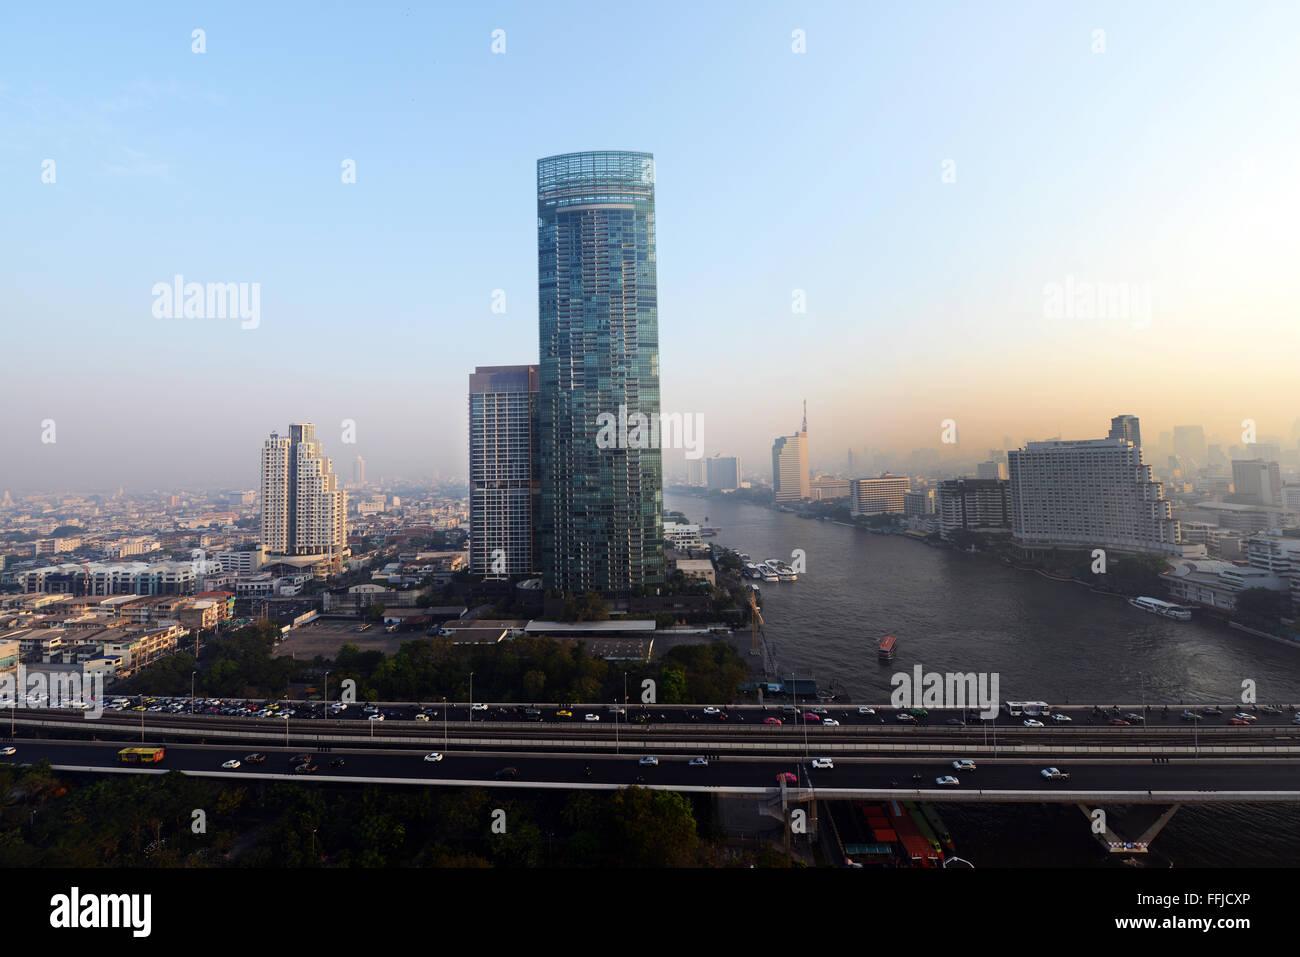 La torre residencial fluvial por el río Chao Phraya, en Bangkok. Imagen De Stock